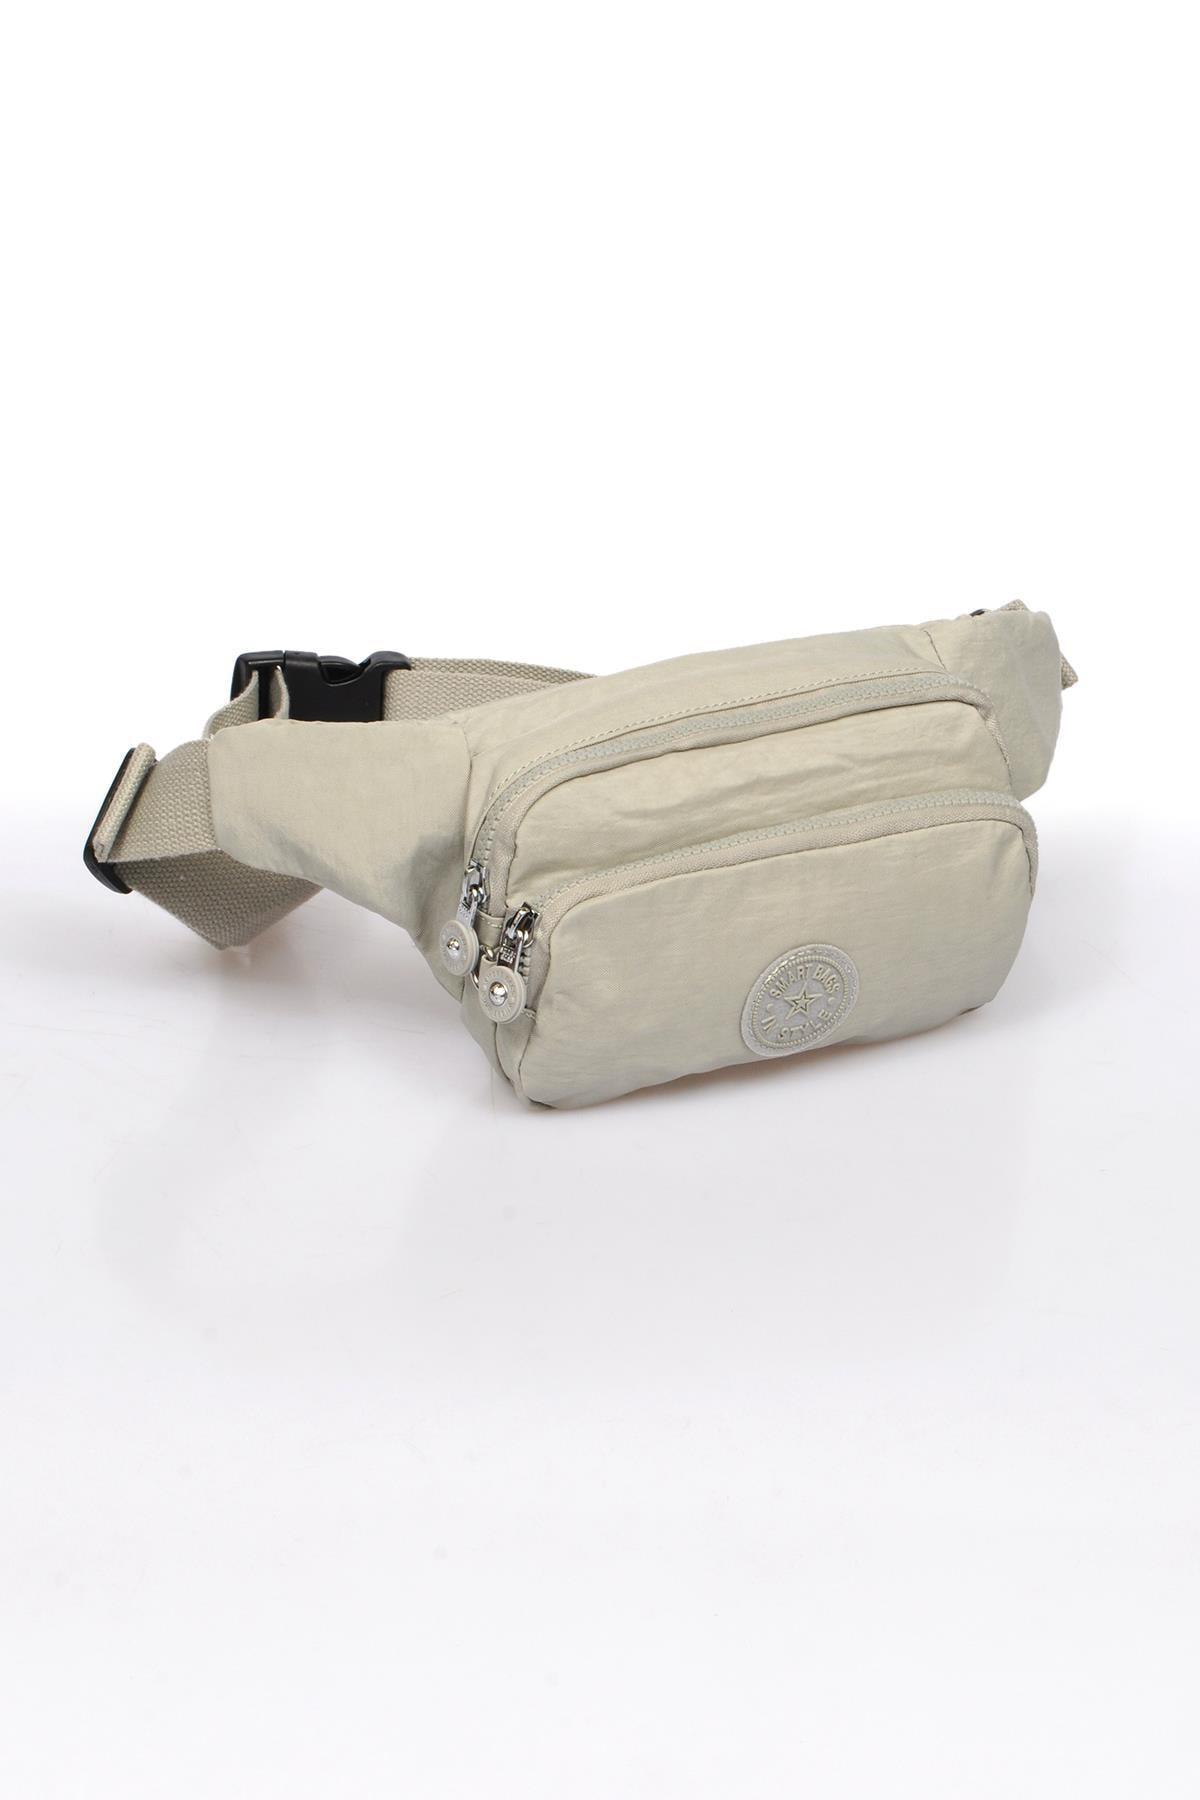 SMART BAGS Ice Gri Kadın   Bel Çantası Smb1154